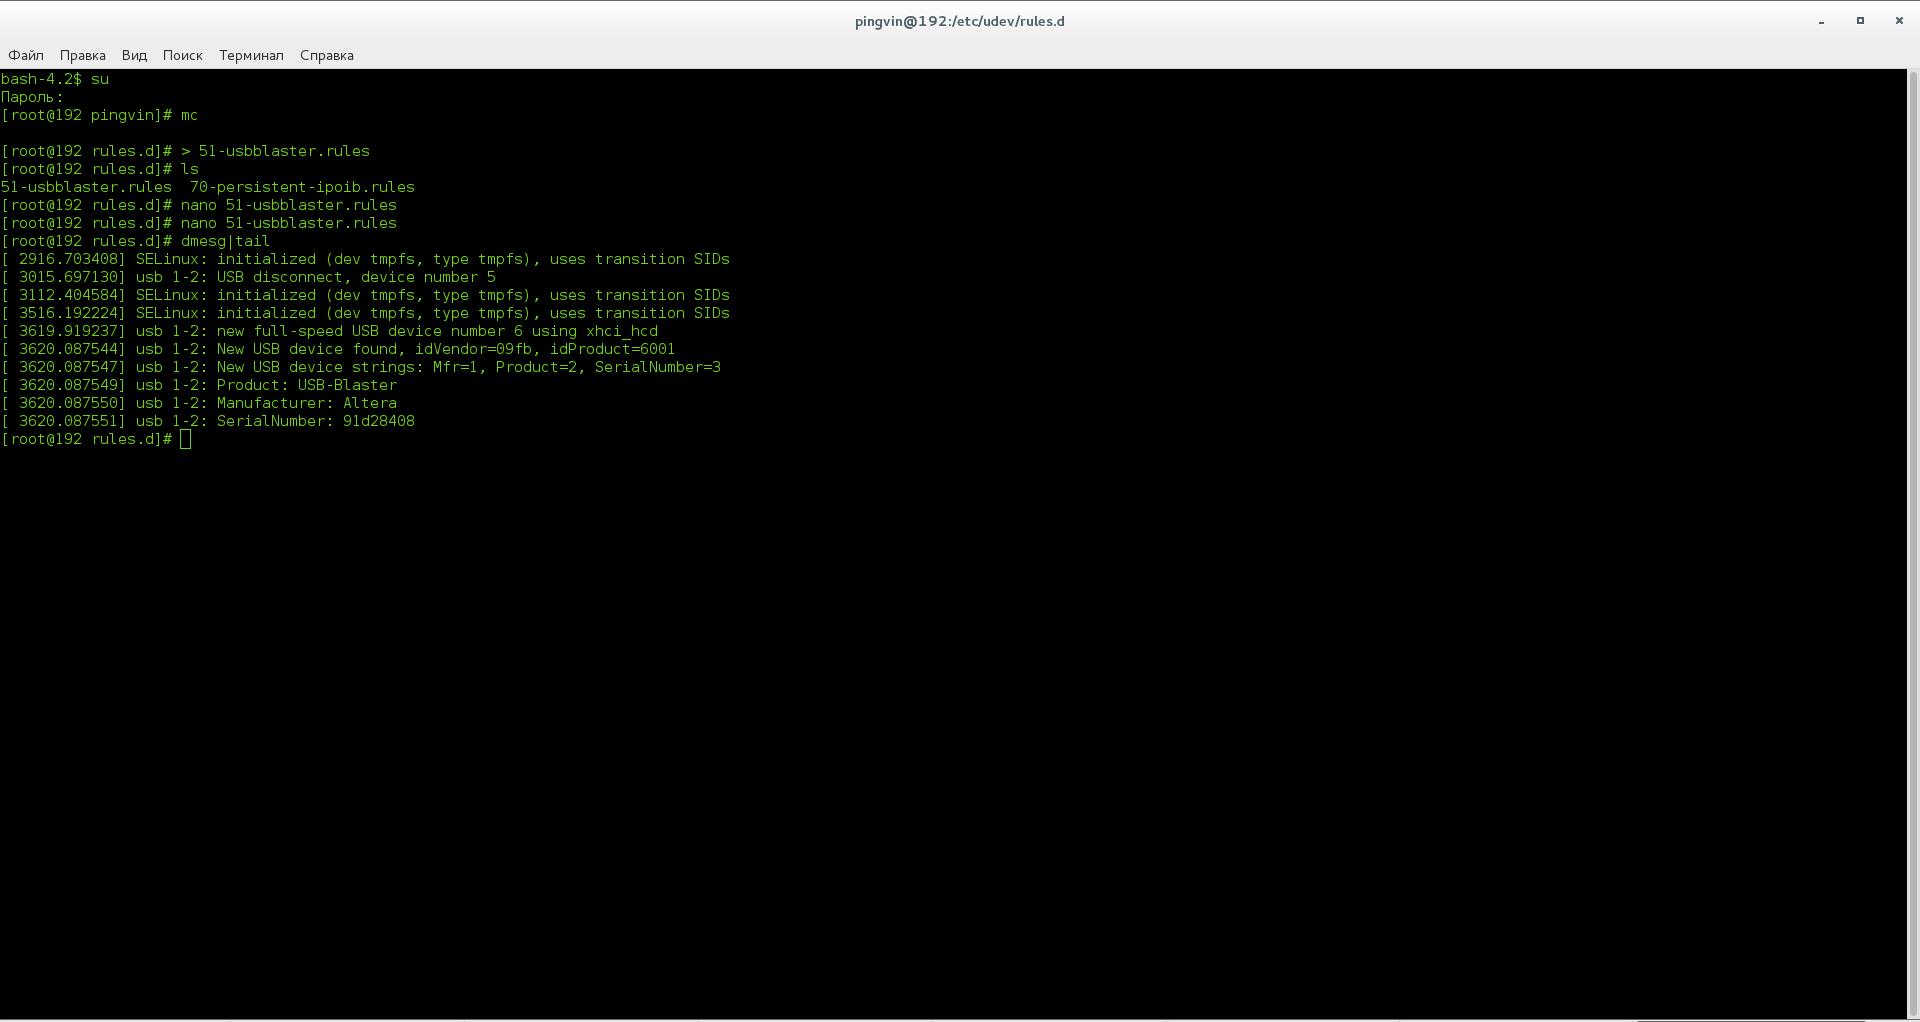 Первый проект на FPGA Altera и подключение USB-Blaster в Linux - 20